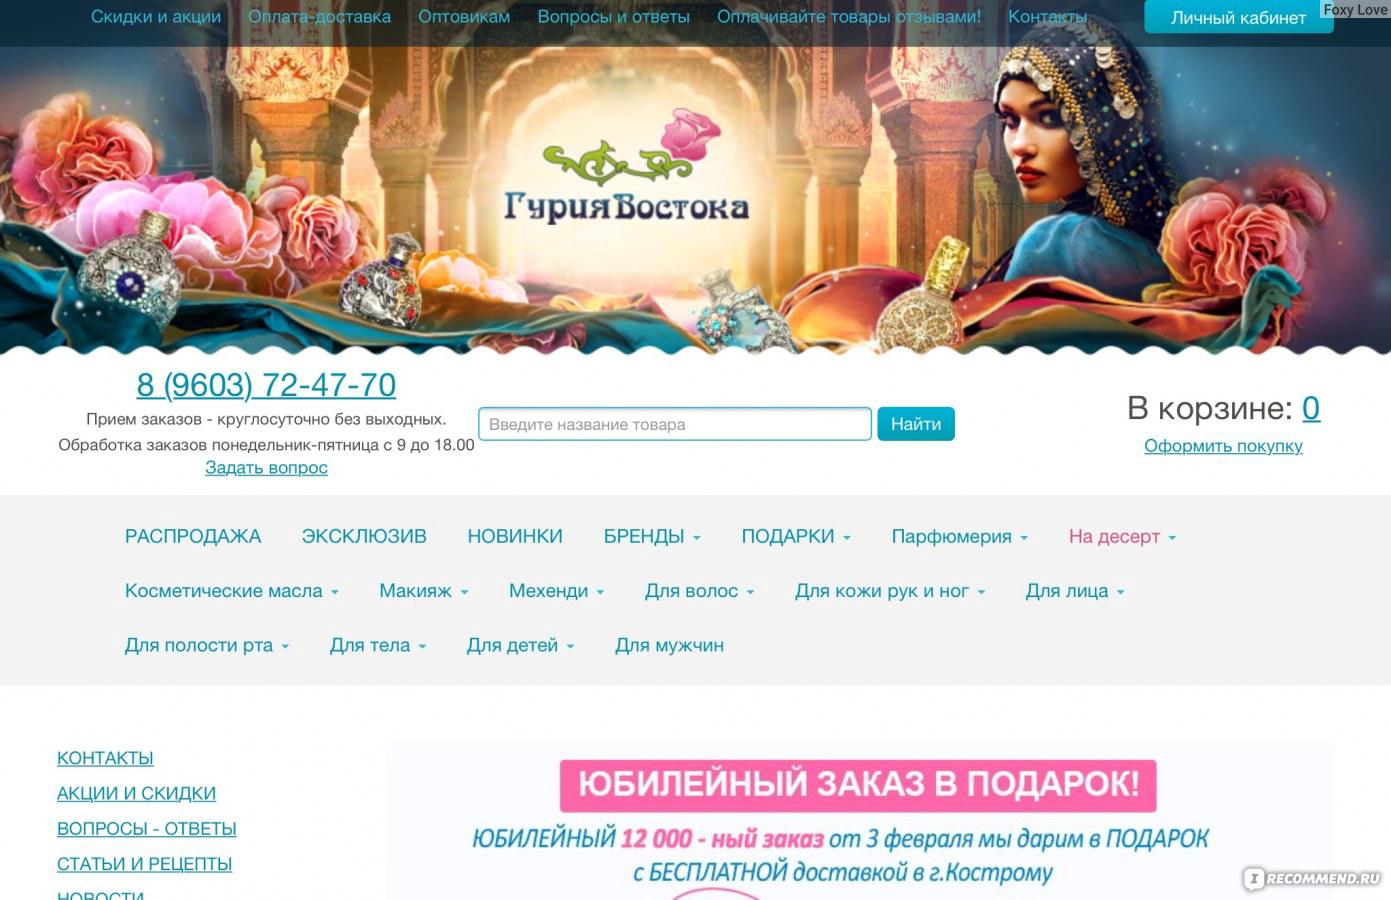 Букет России Белая Сирень 40Мл Туалетная Вода купить